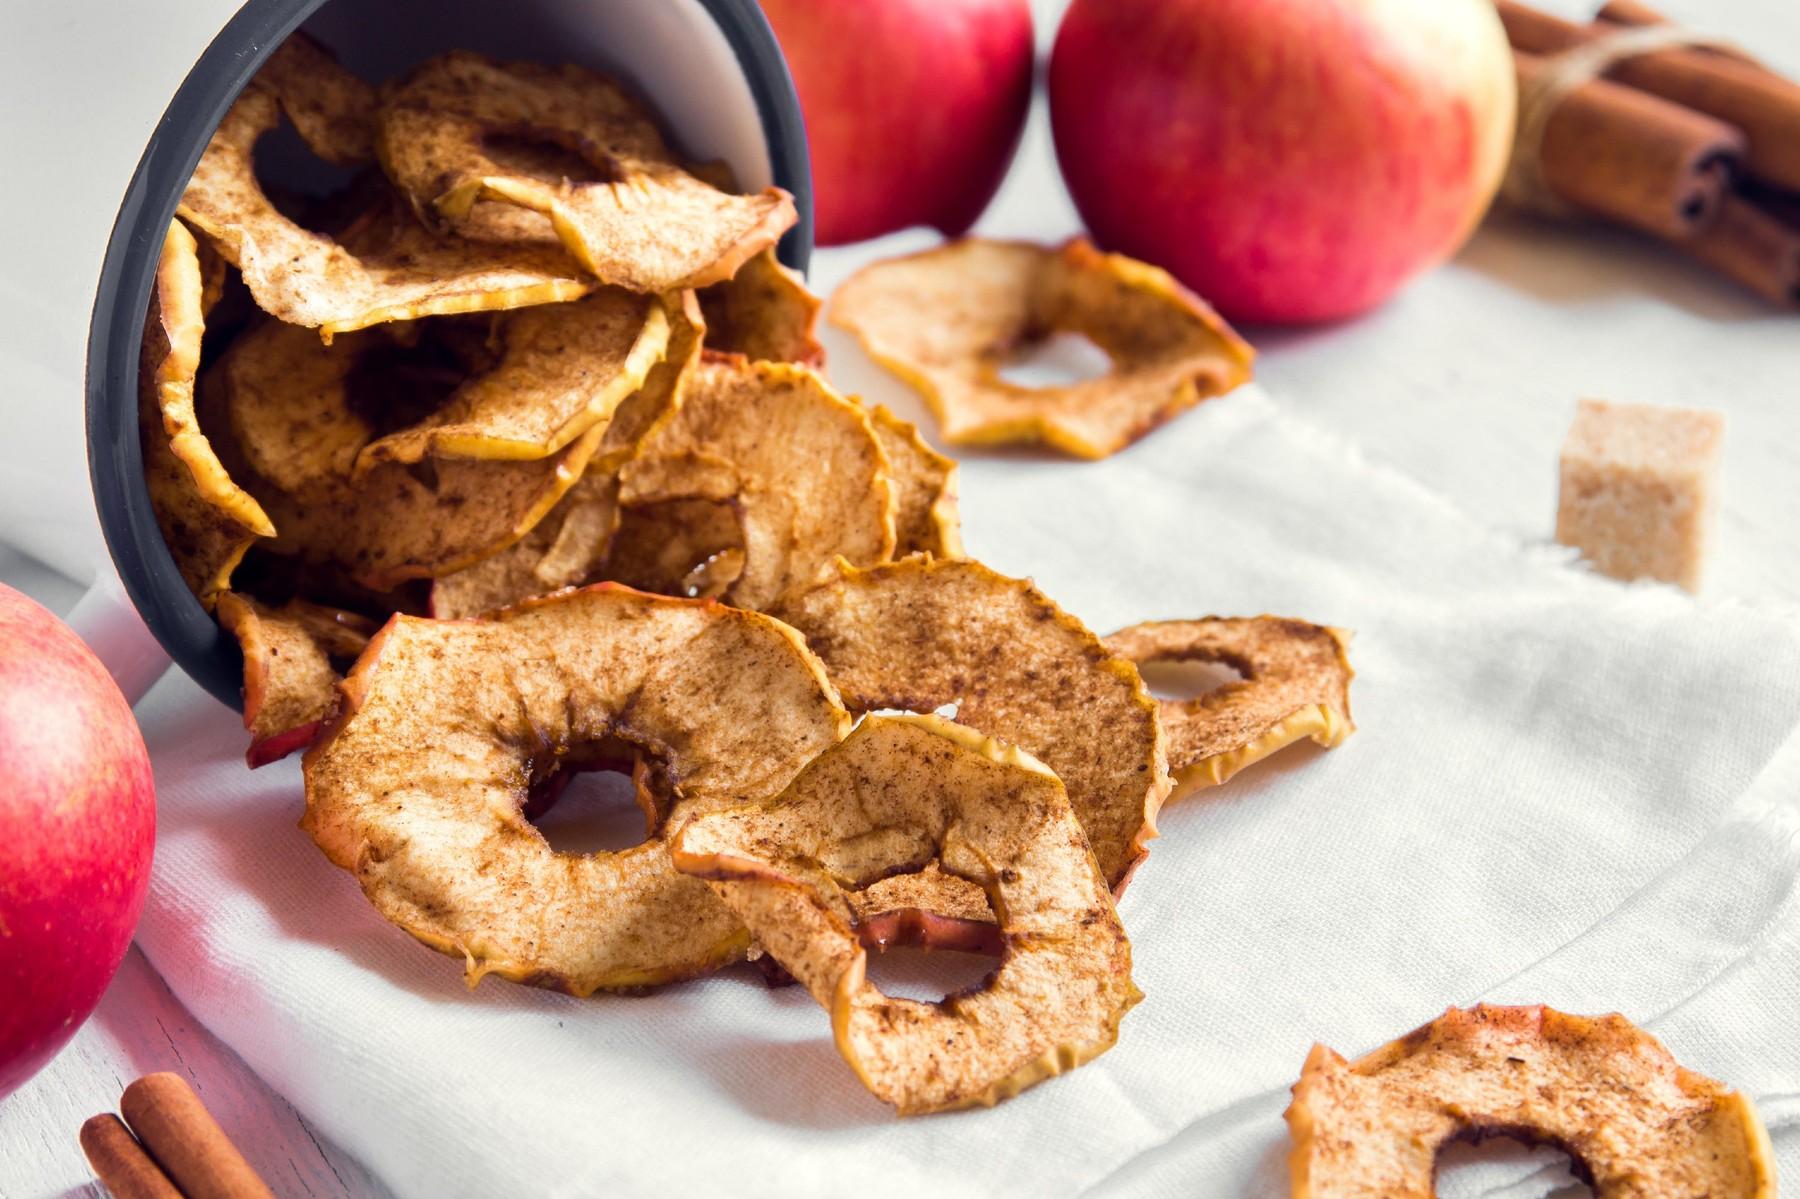 Jabolčni krhlji s cimetom